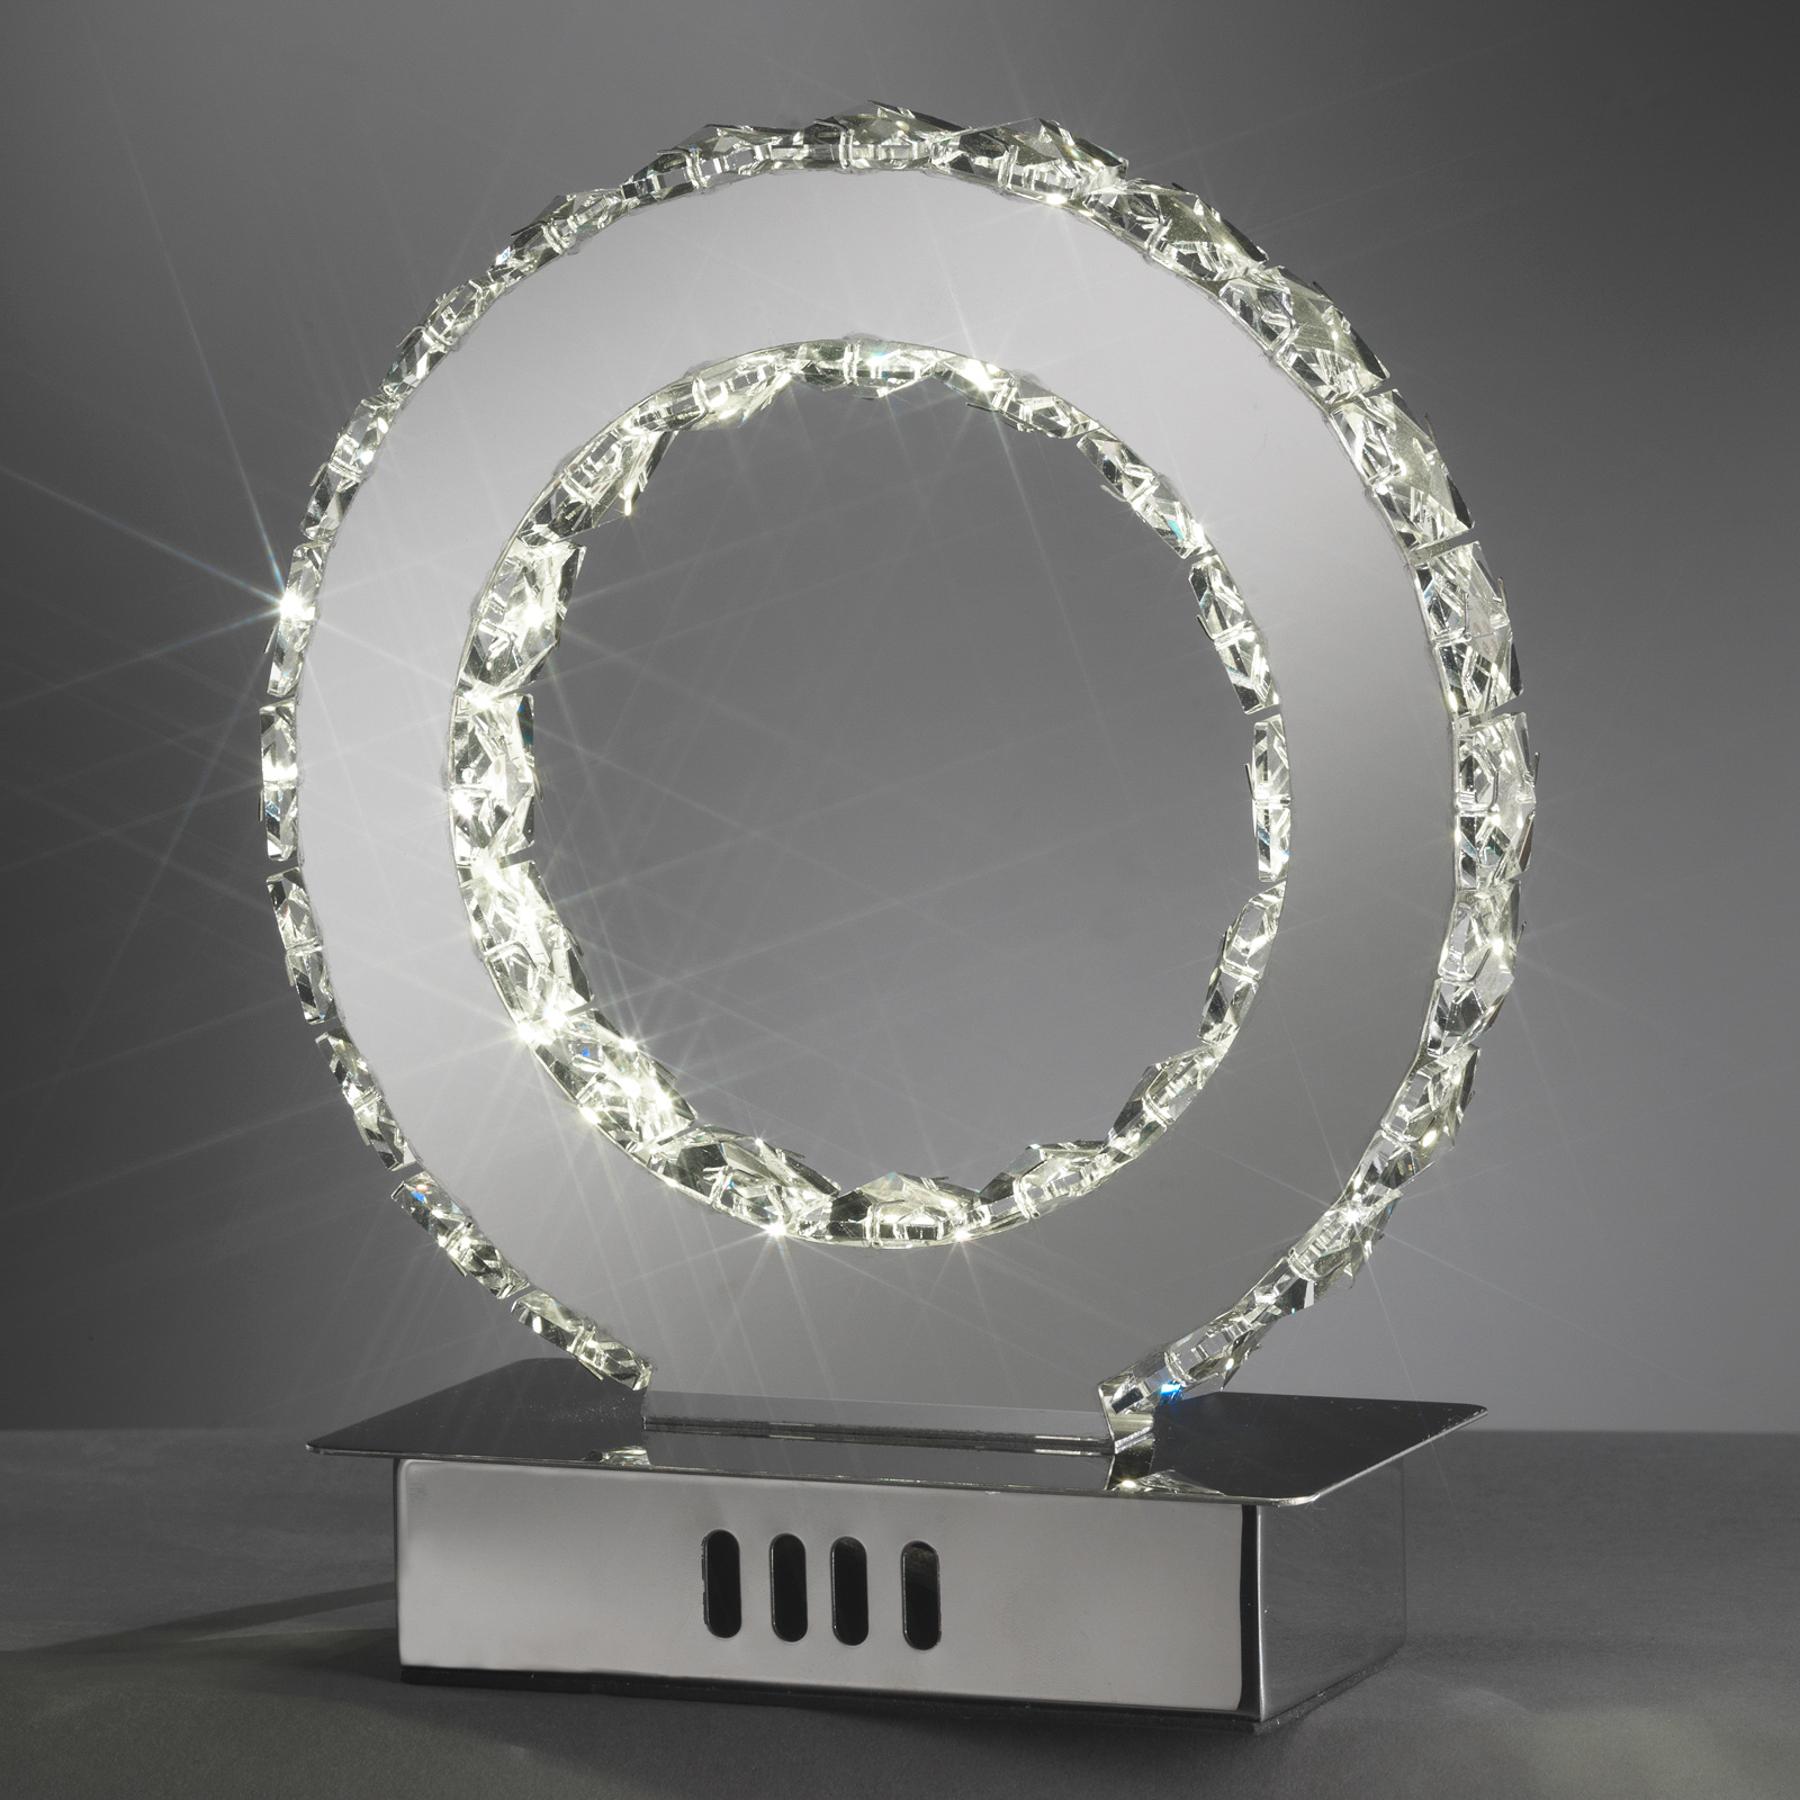 LED-pöytävalaisin Saturno, kristallilasi, 22 cm